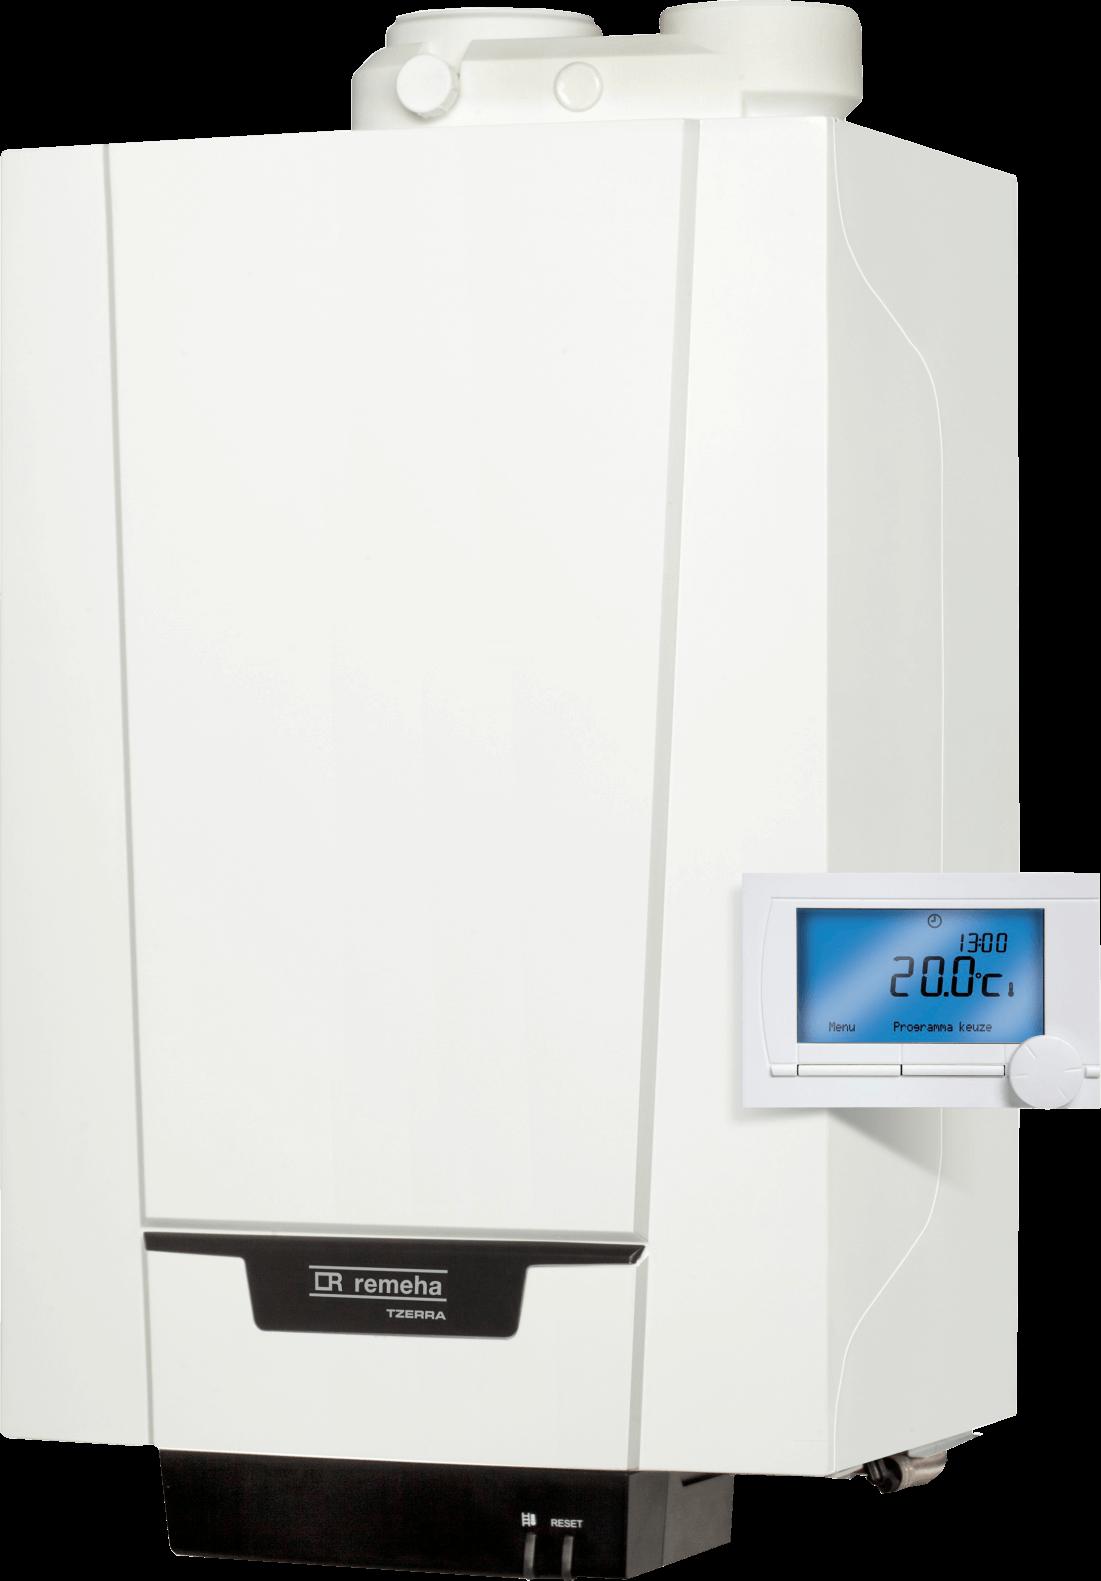 Impianti di riscaldamento efficienti per casa comfort e - Caldaia a condensazione costo installazione ...